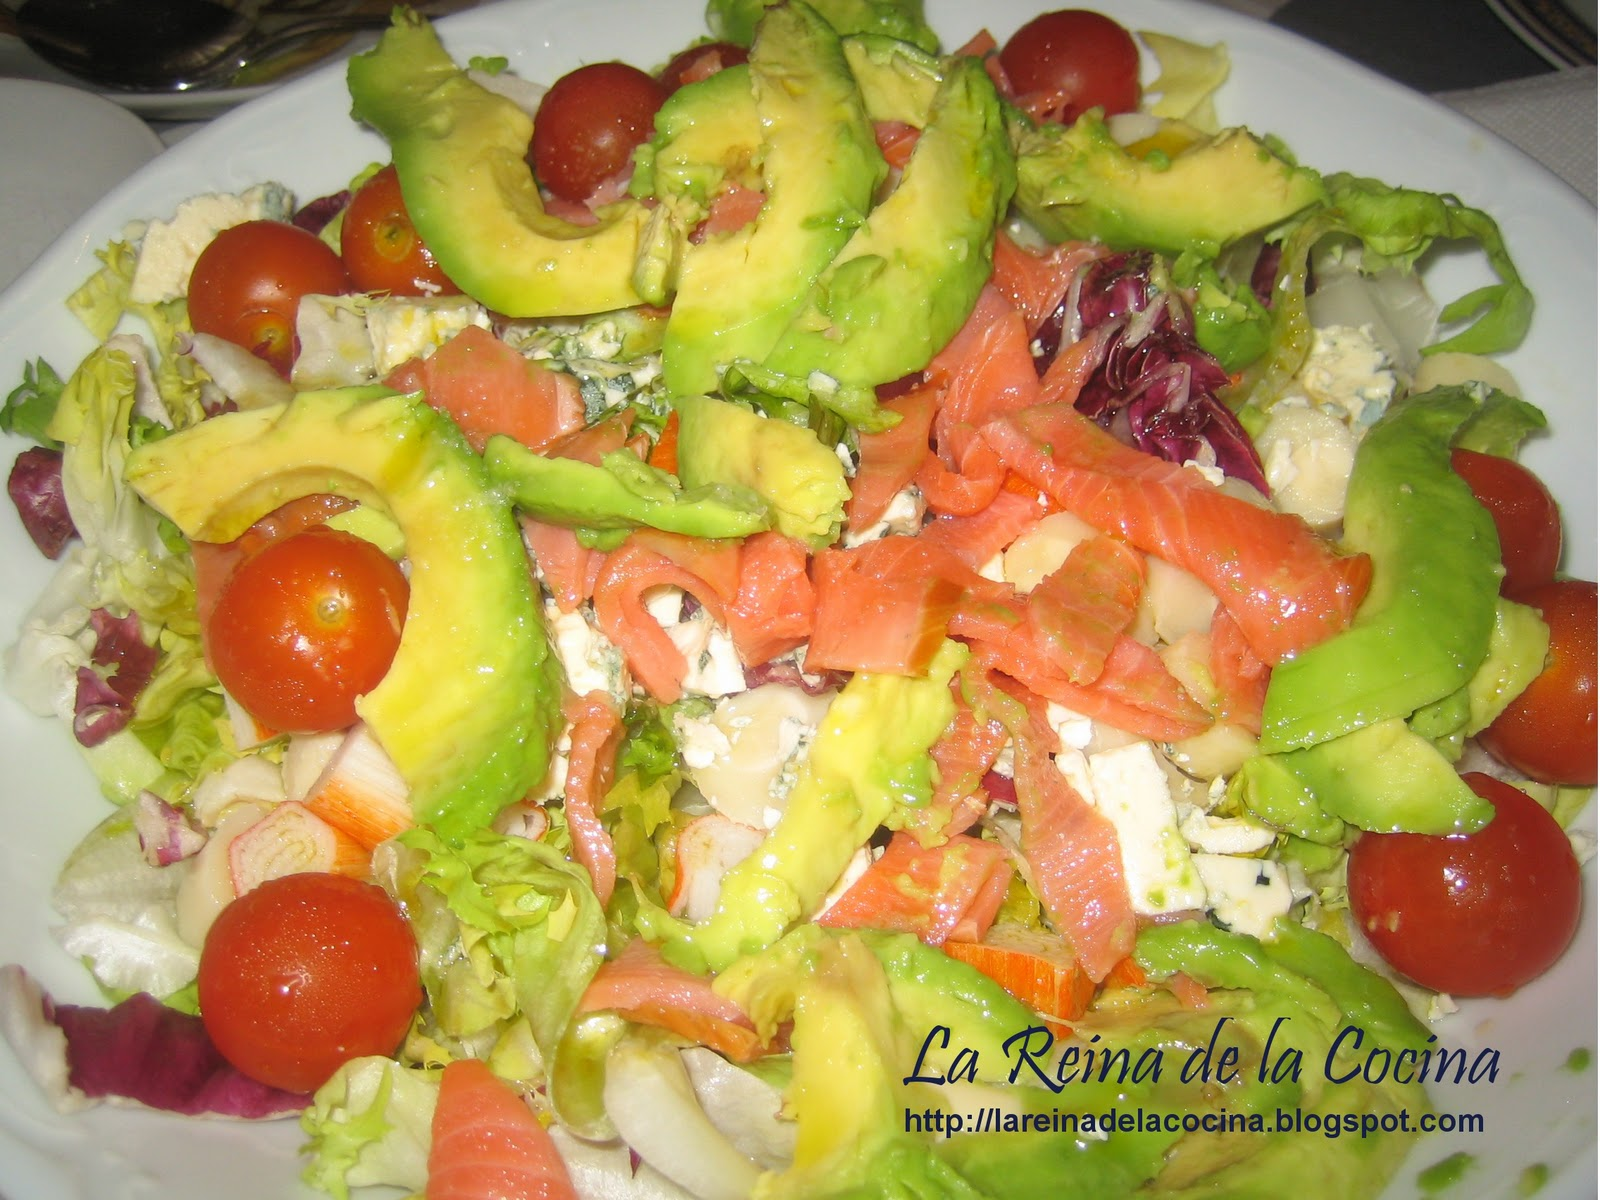 La reina de la cocina ensalada de salm n aguacate - Ensalada salmon y aguacate ...